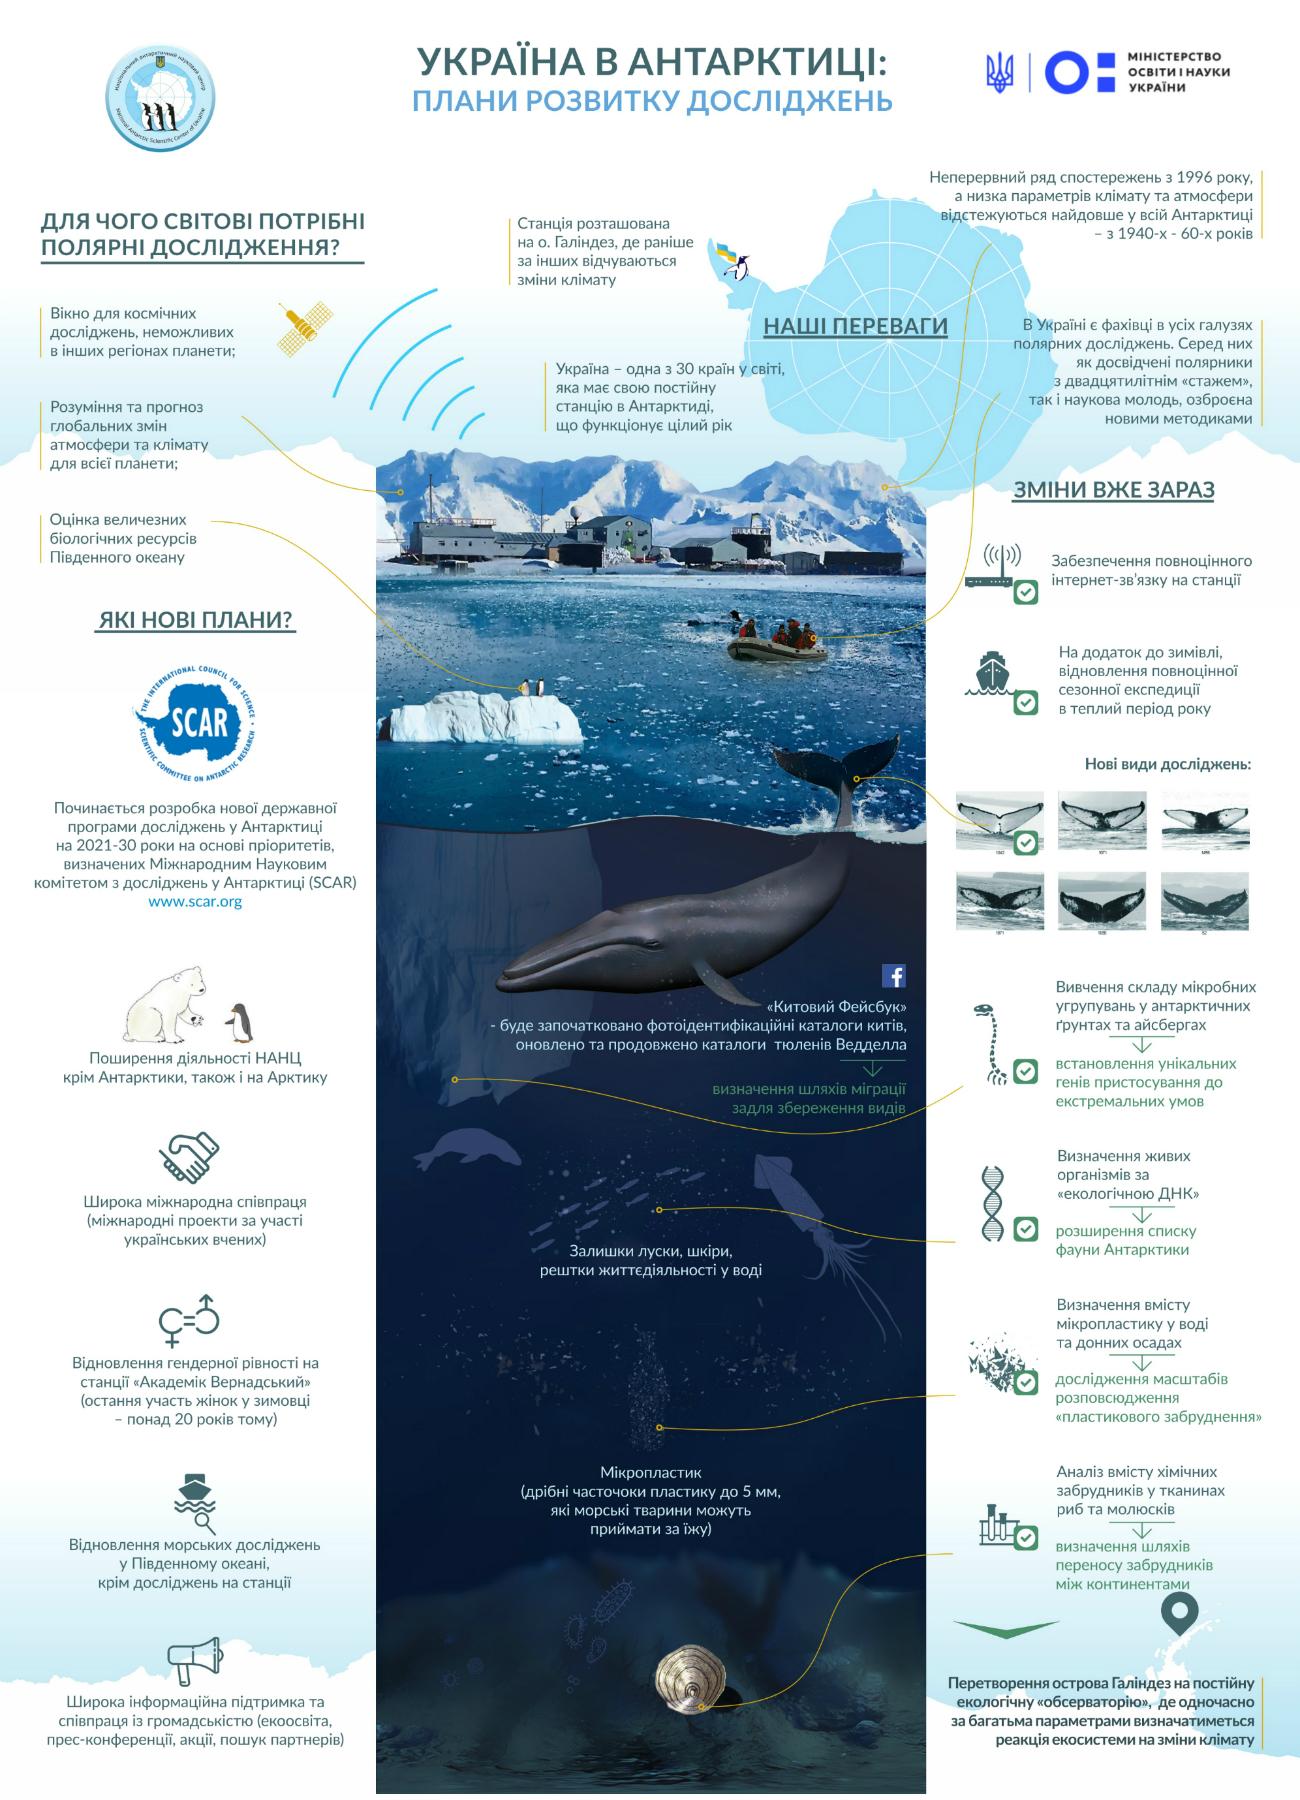 Украинская экспедиция в Антарктике проведет 5 новых исследований